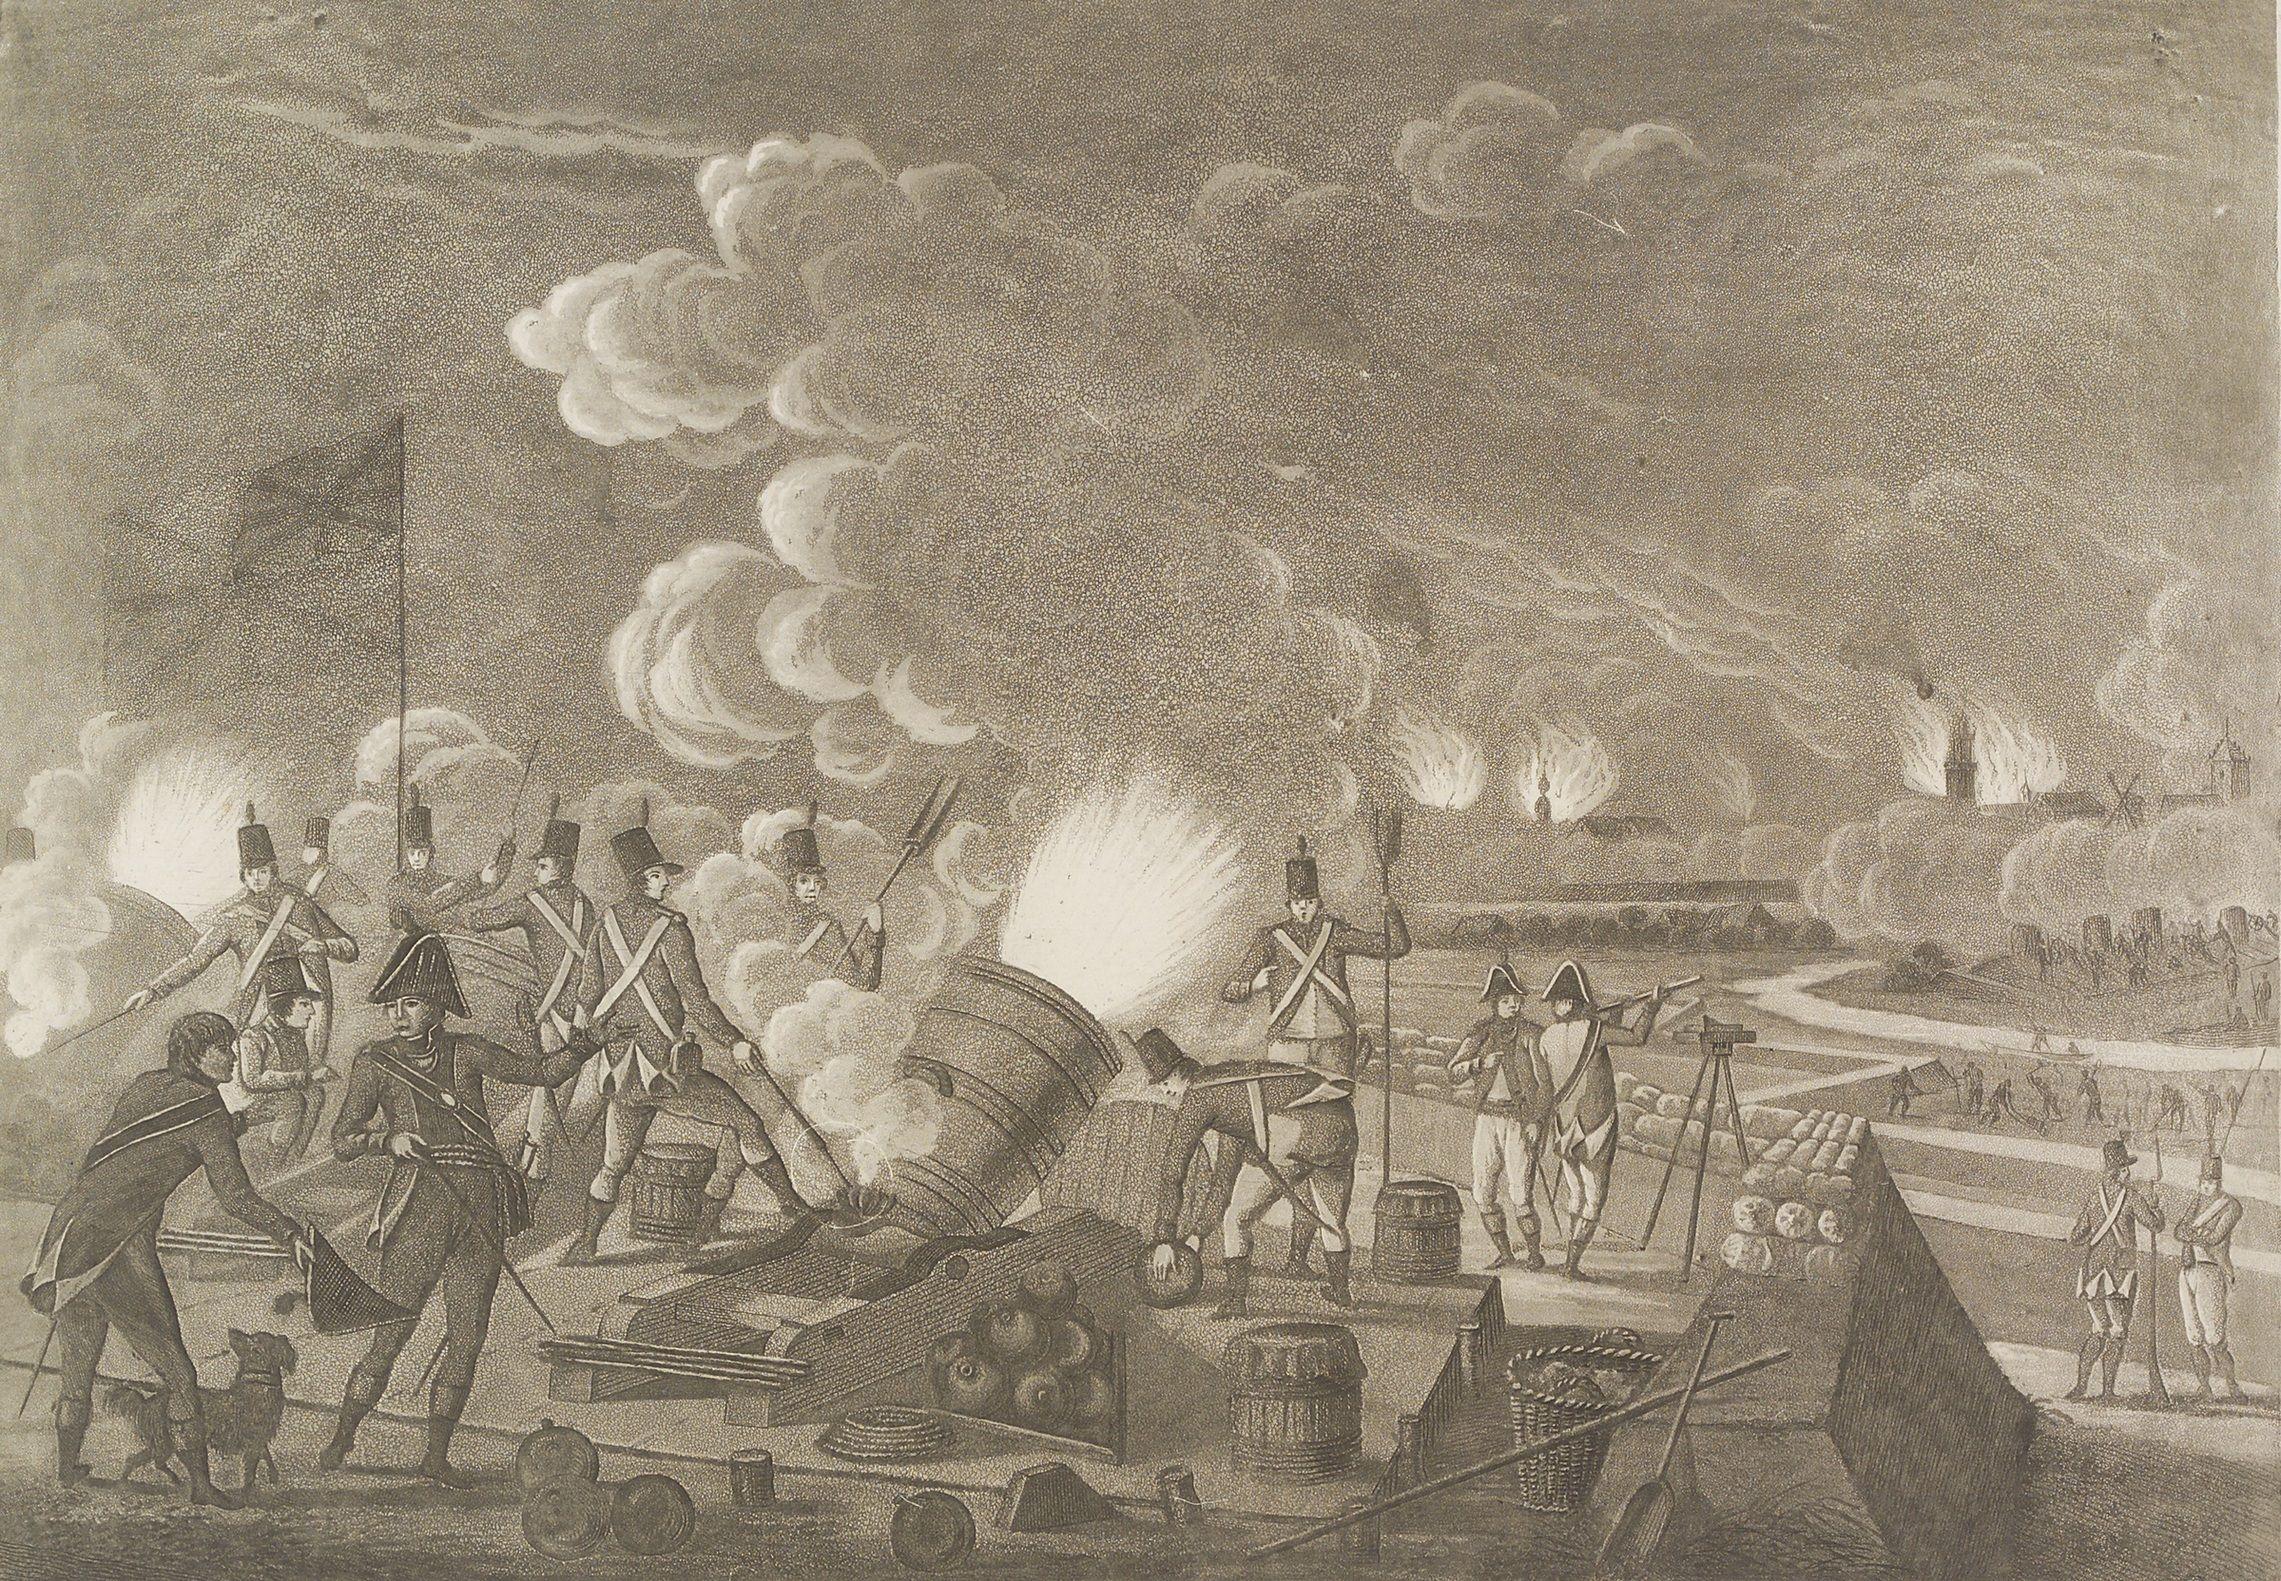 Ook Vlissingen had het tijdens de Engelse invasie zwaar te verduren; 19de-eeuwse litho.